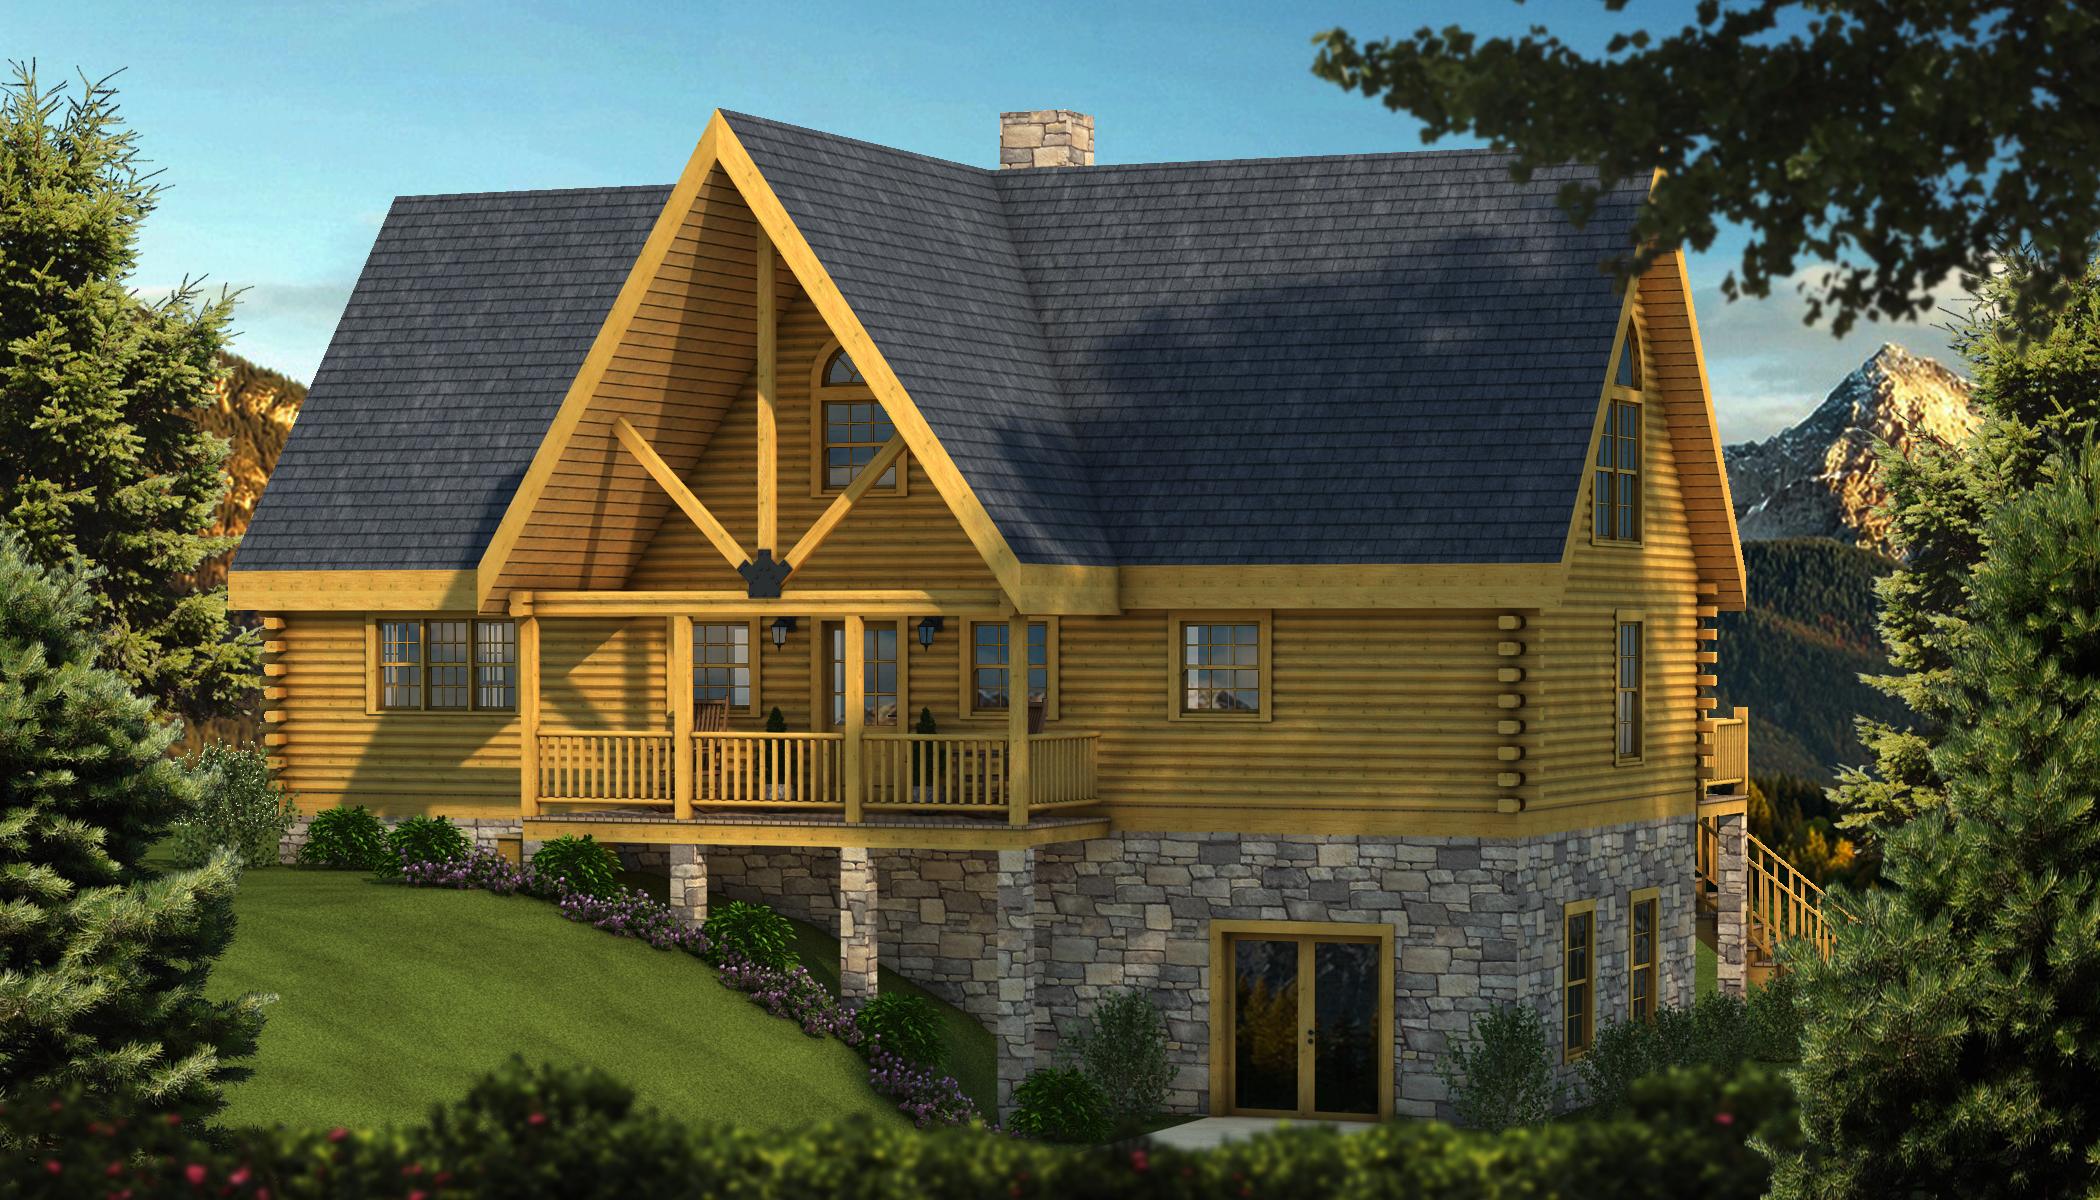 Adirondack house plans escortsea for Adirondack house plans